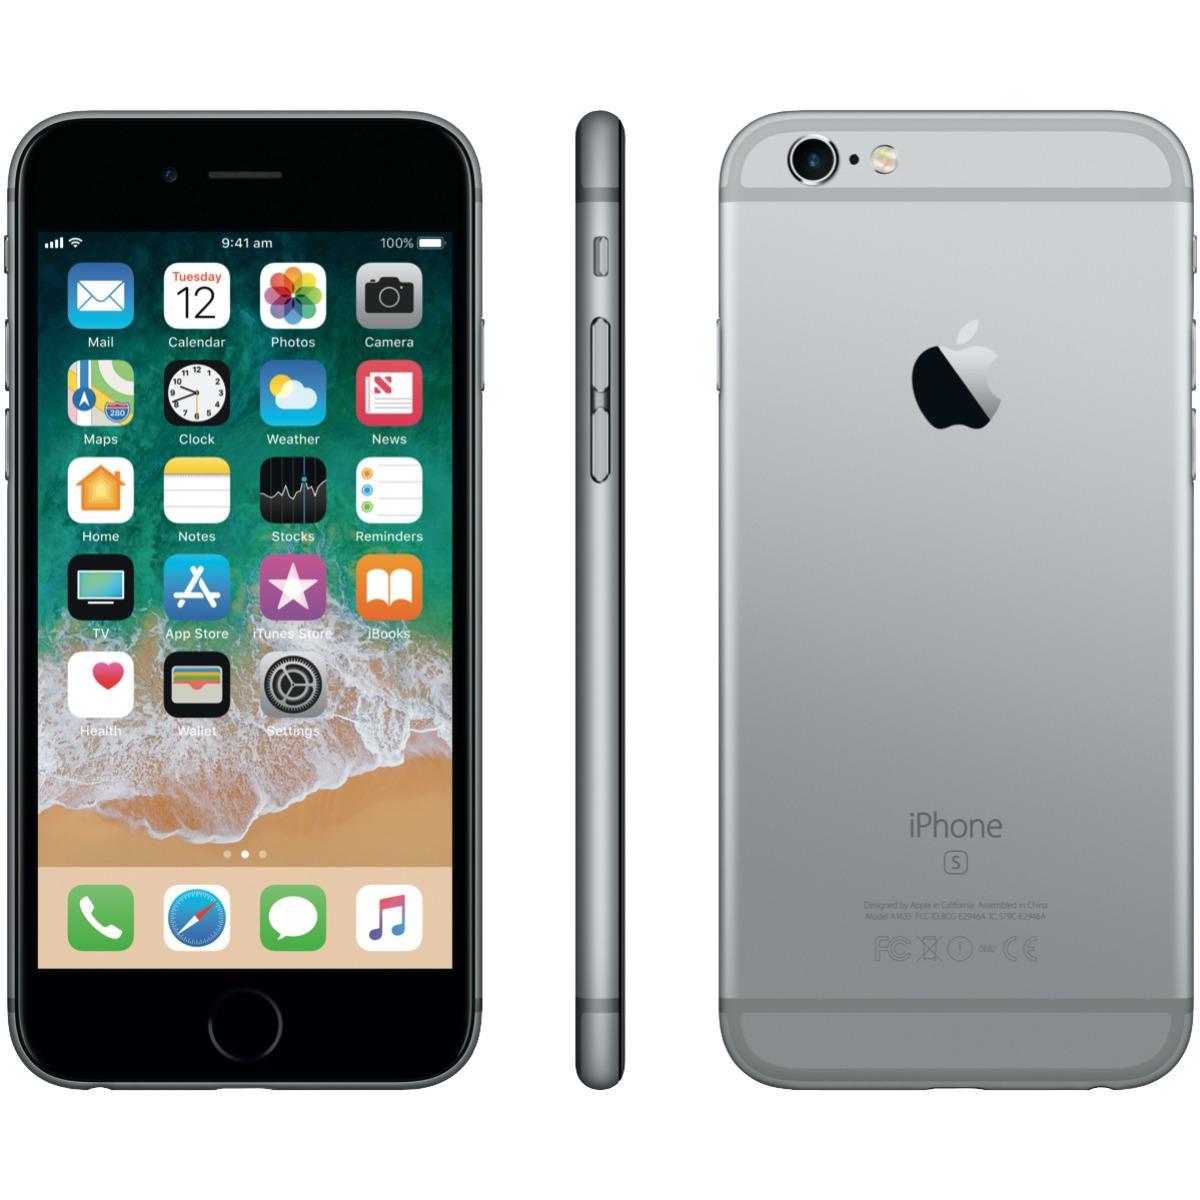 ไอโฟน 6 พลัส(เครื่องนอกแท้) ประกัน 1 ปี